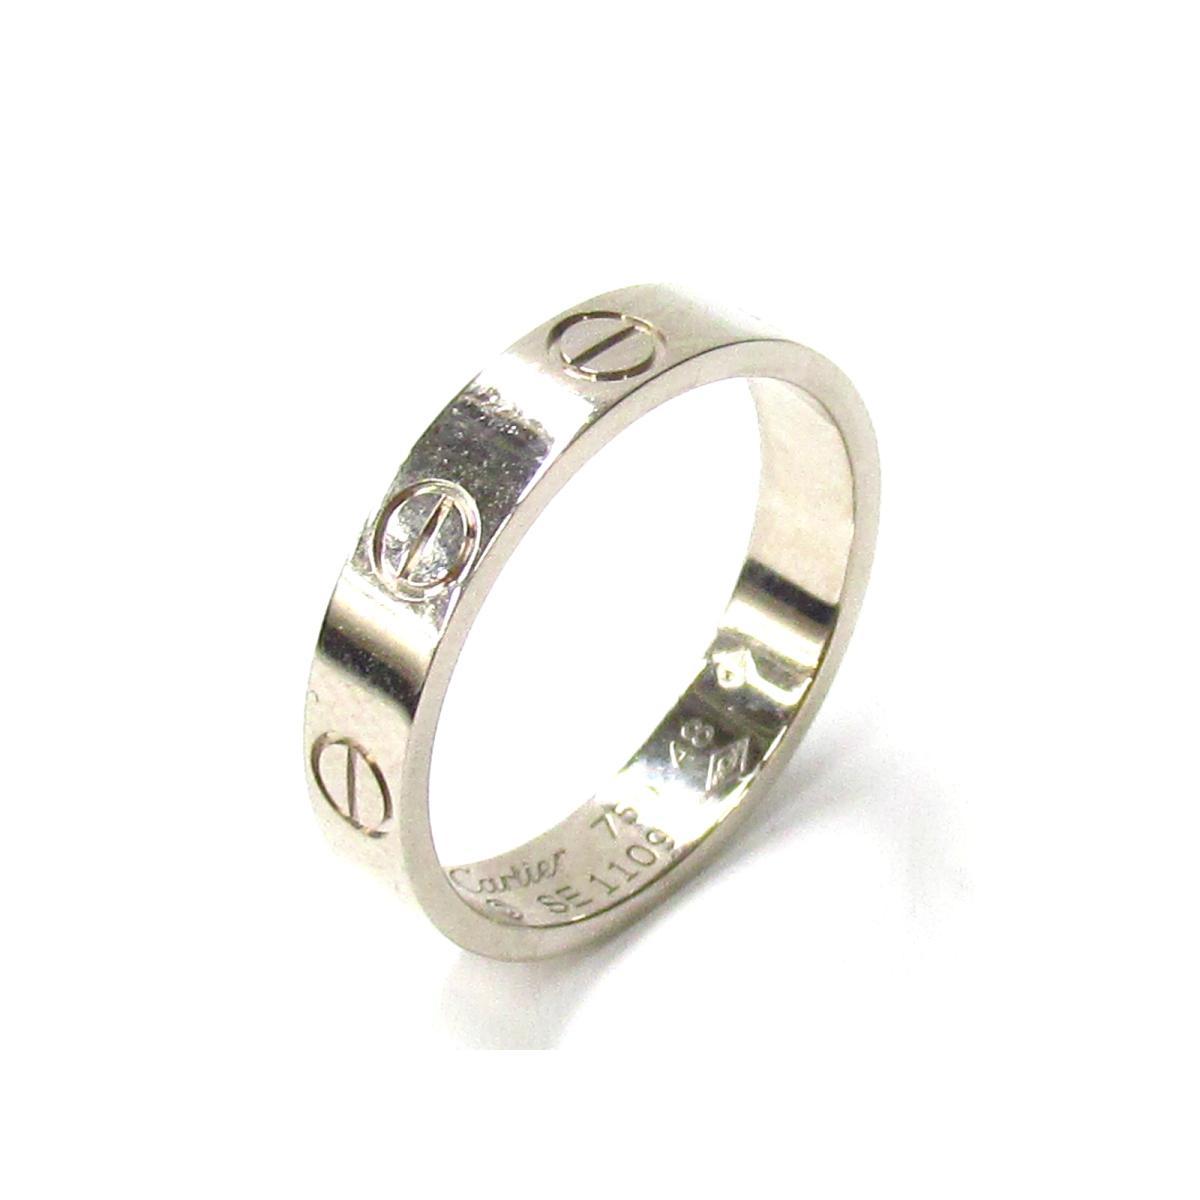 【最大24回無金利】 カルティエ ミニラブリング 指輪 メンズ レディース K18WG (750) ホワイトゴールド 【中古】 | Cartier BRANDOFF ブランドオフ ブランド ジュエリー アクセサリー リング